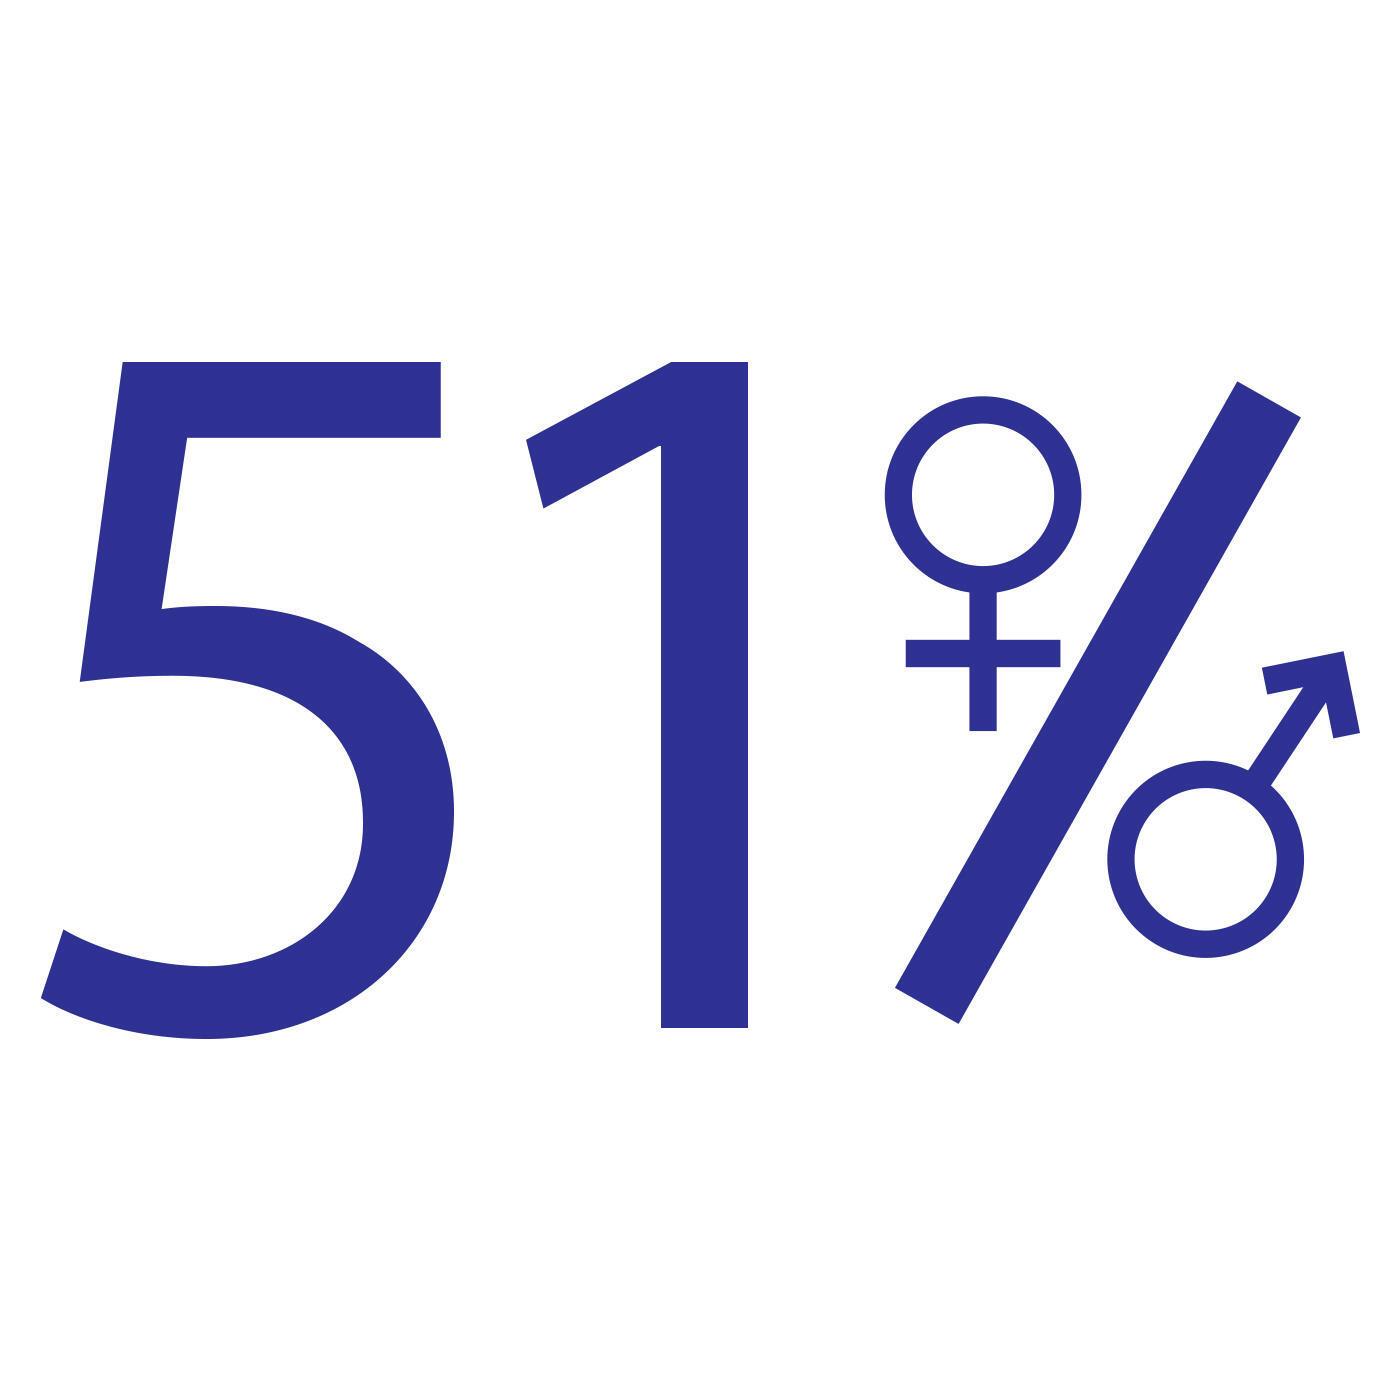 51 Percent Npr